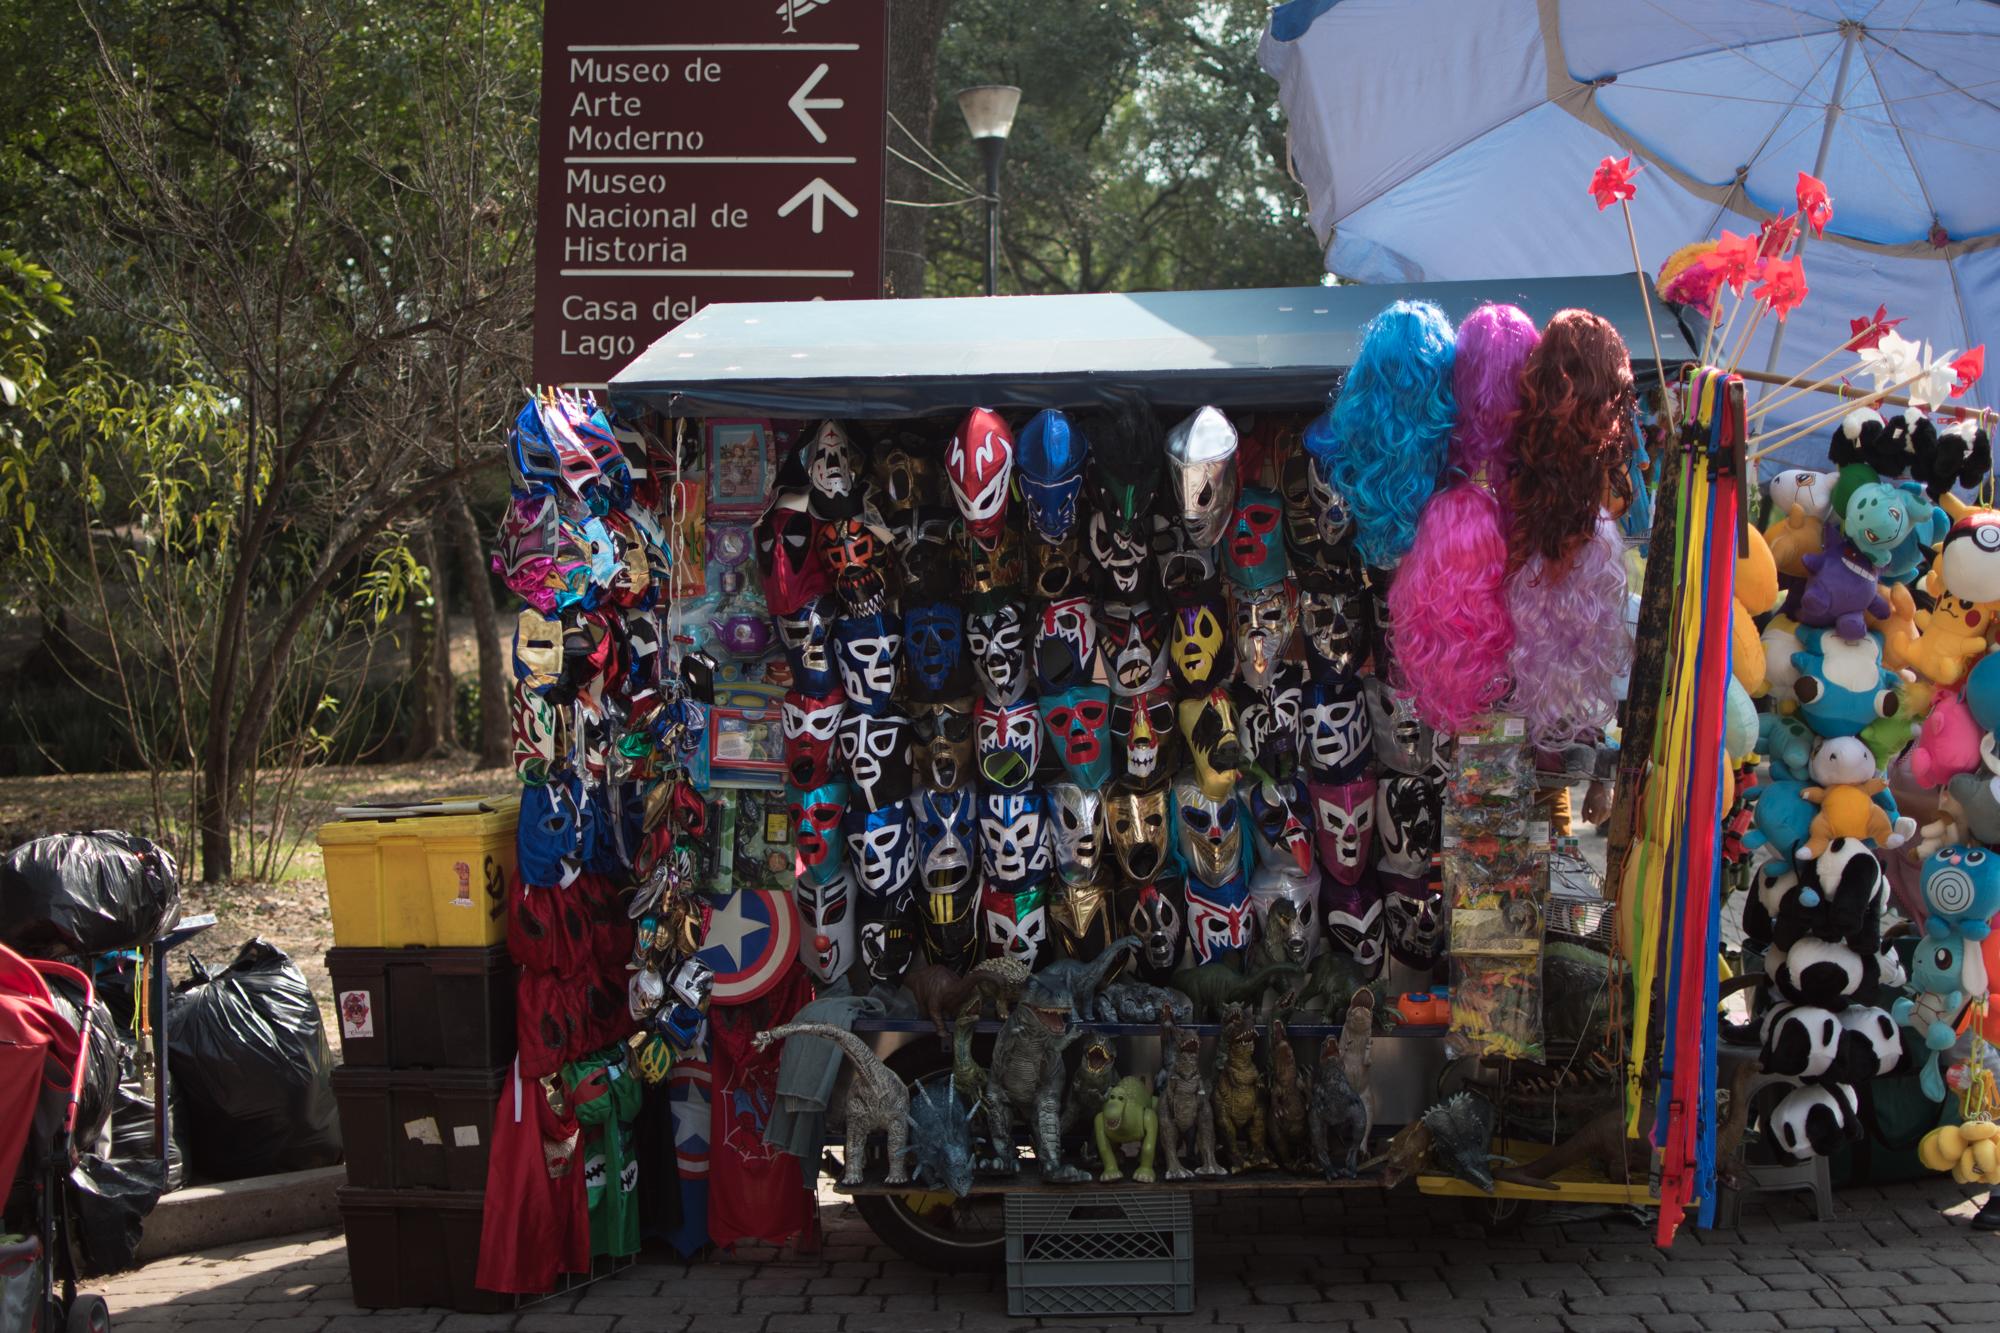 Kyle Studstill_photojournal_travel_Mexico City-11.jpg